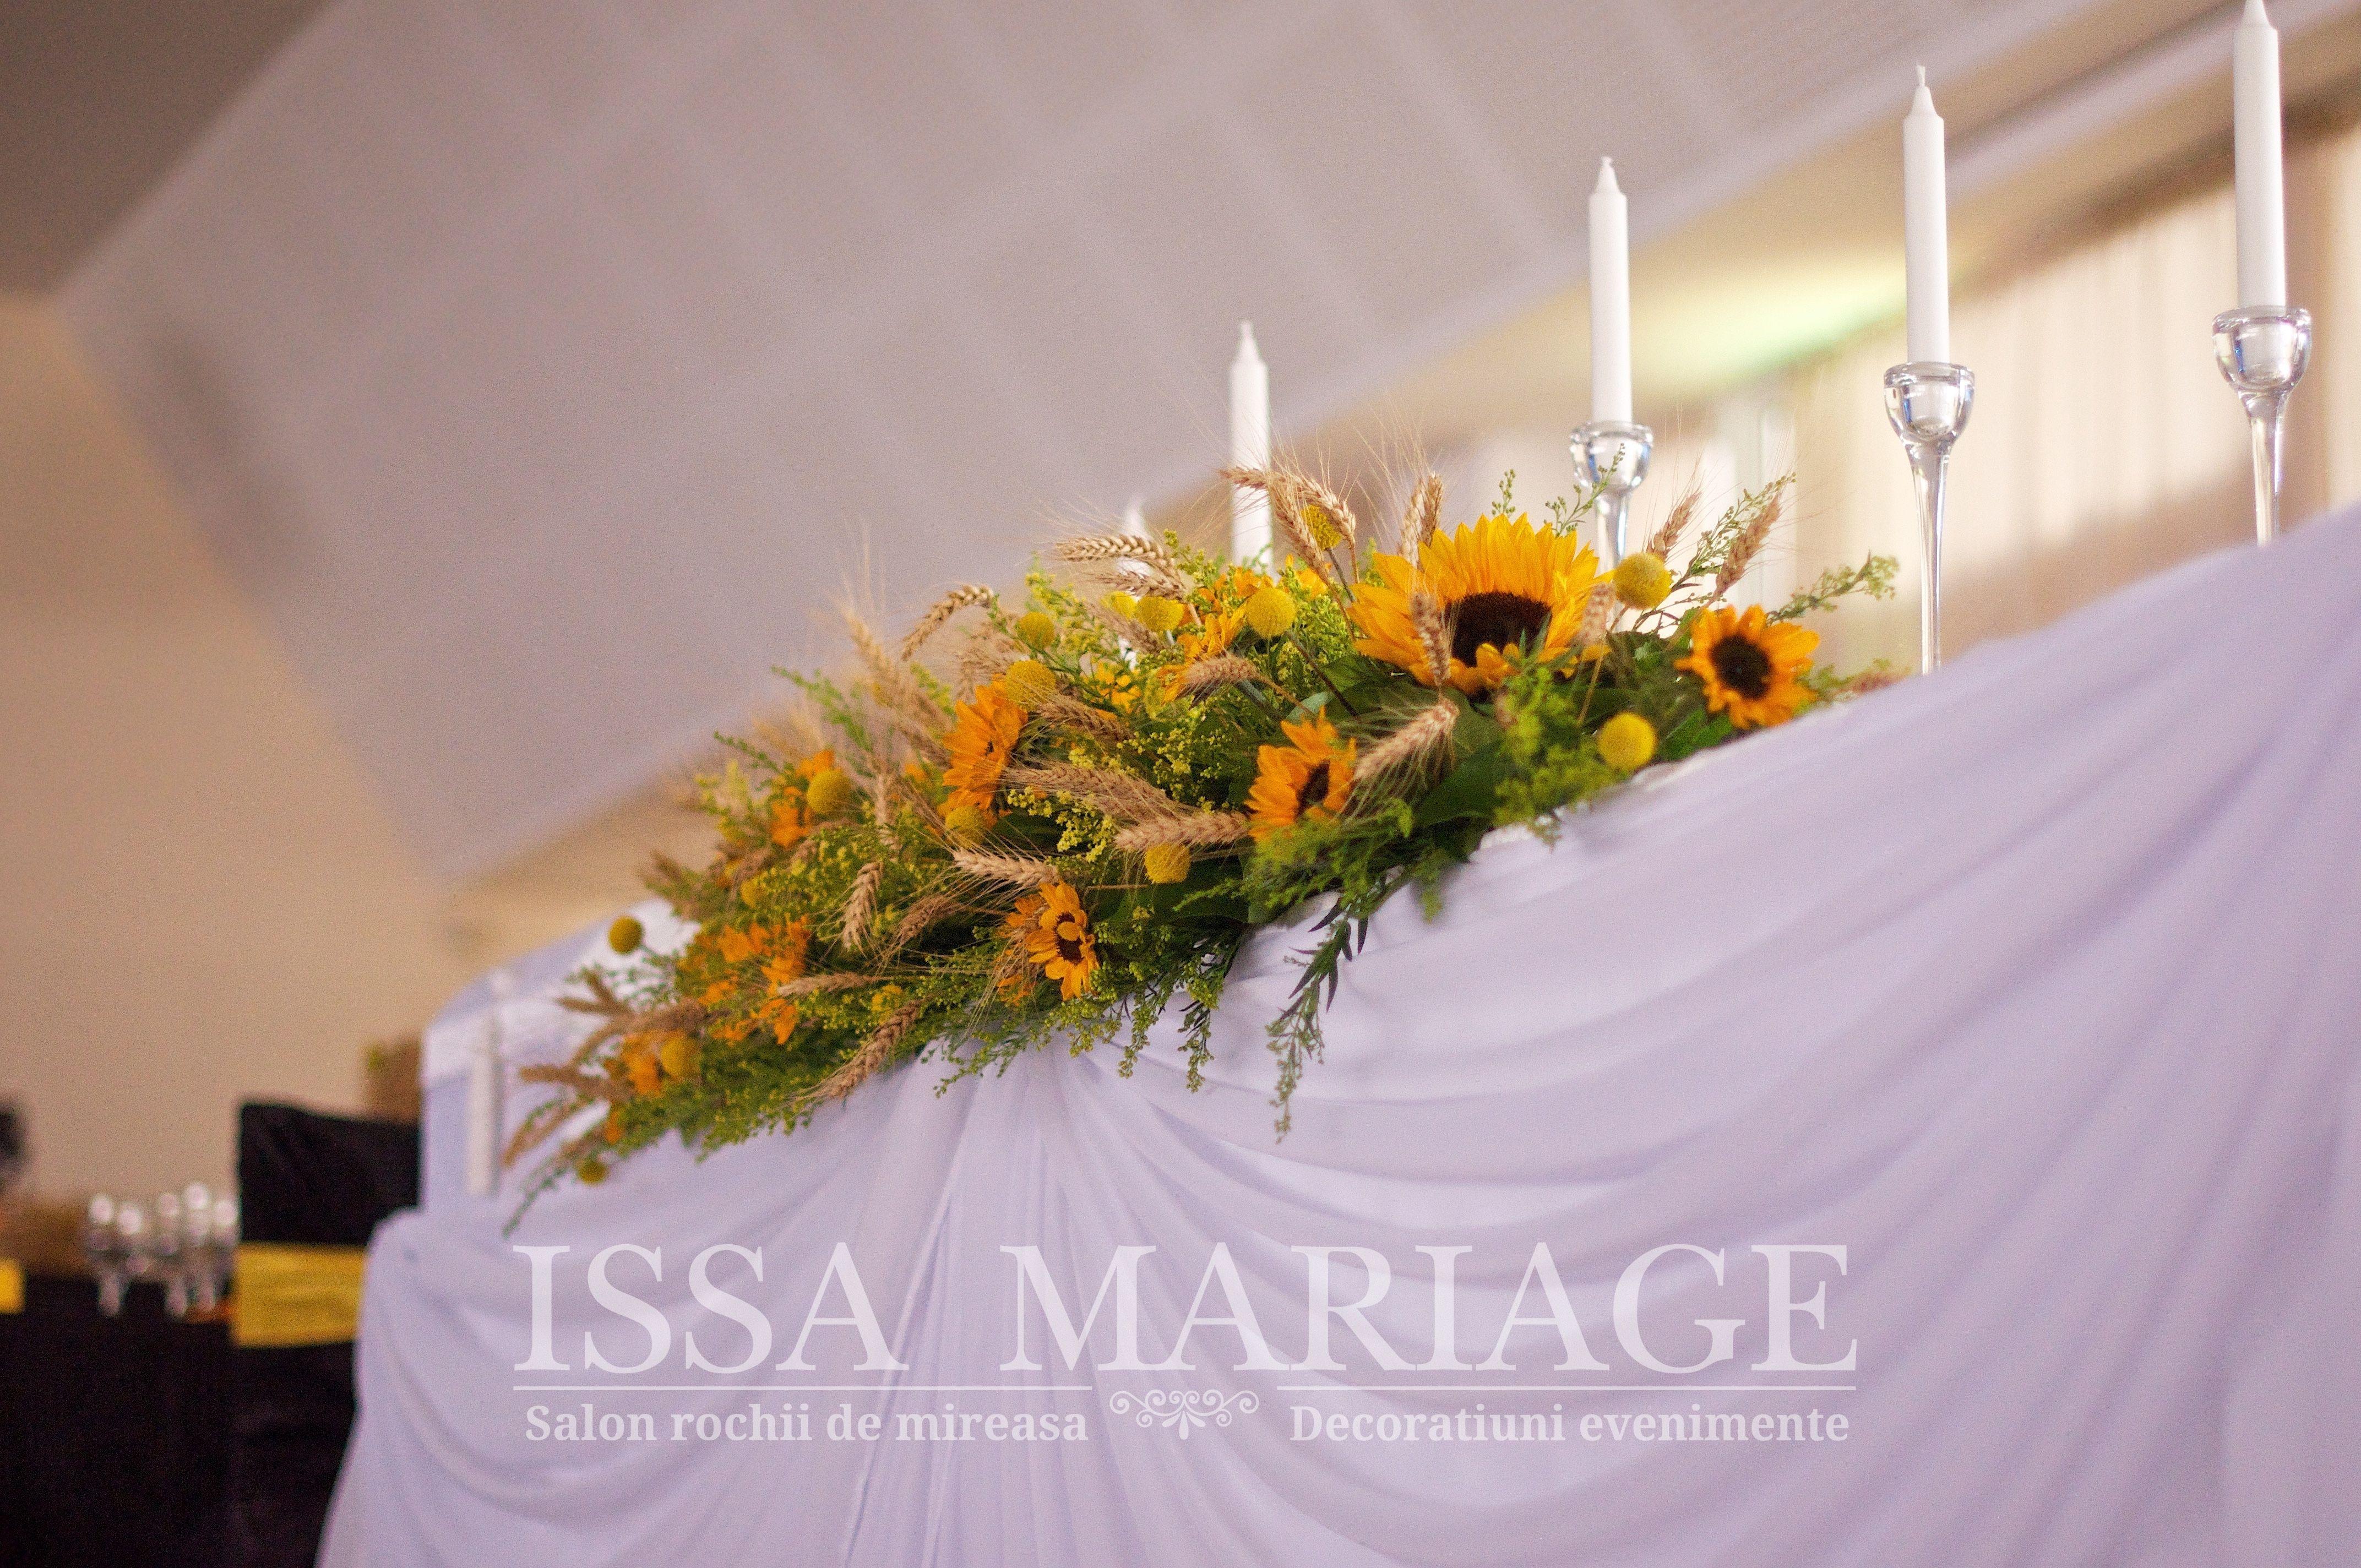 Decoratiuni Florale Nunta Floarea Soarelui Pitesti Issamariage